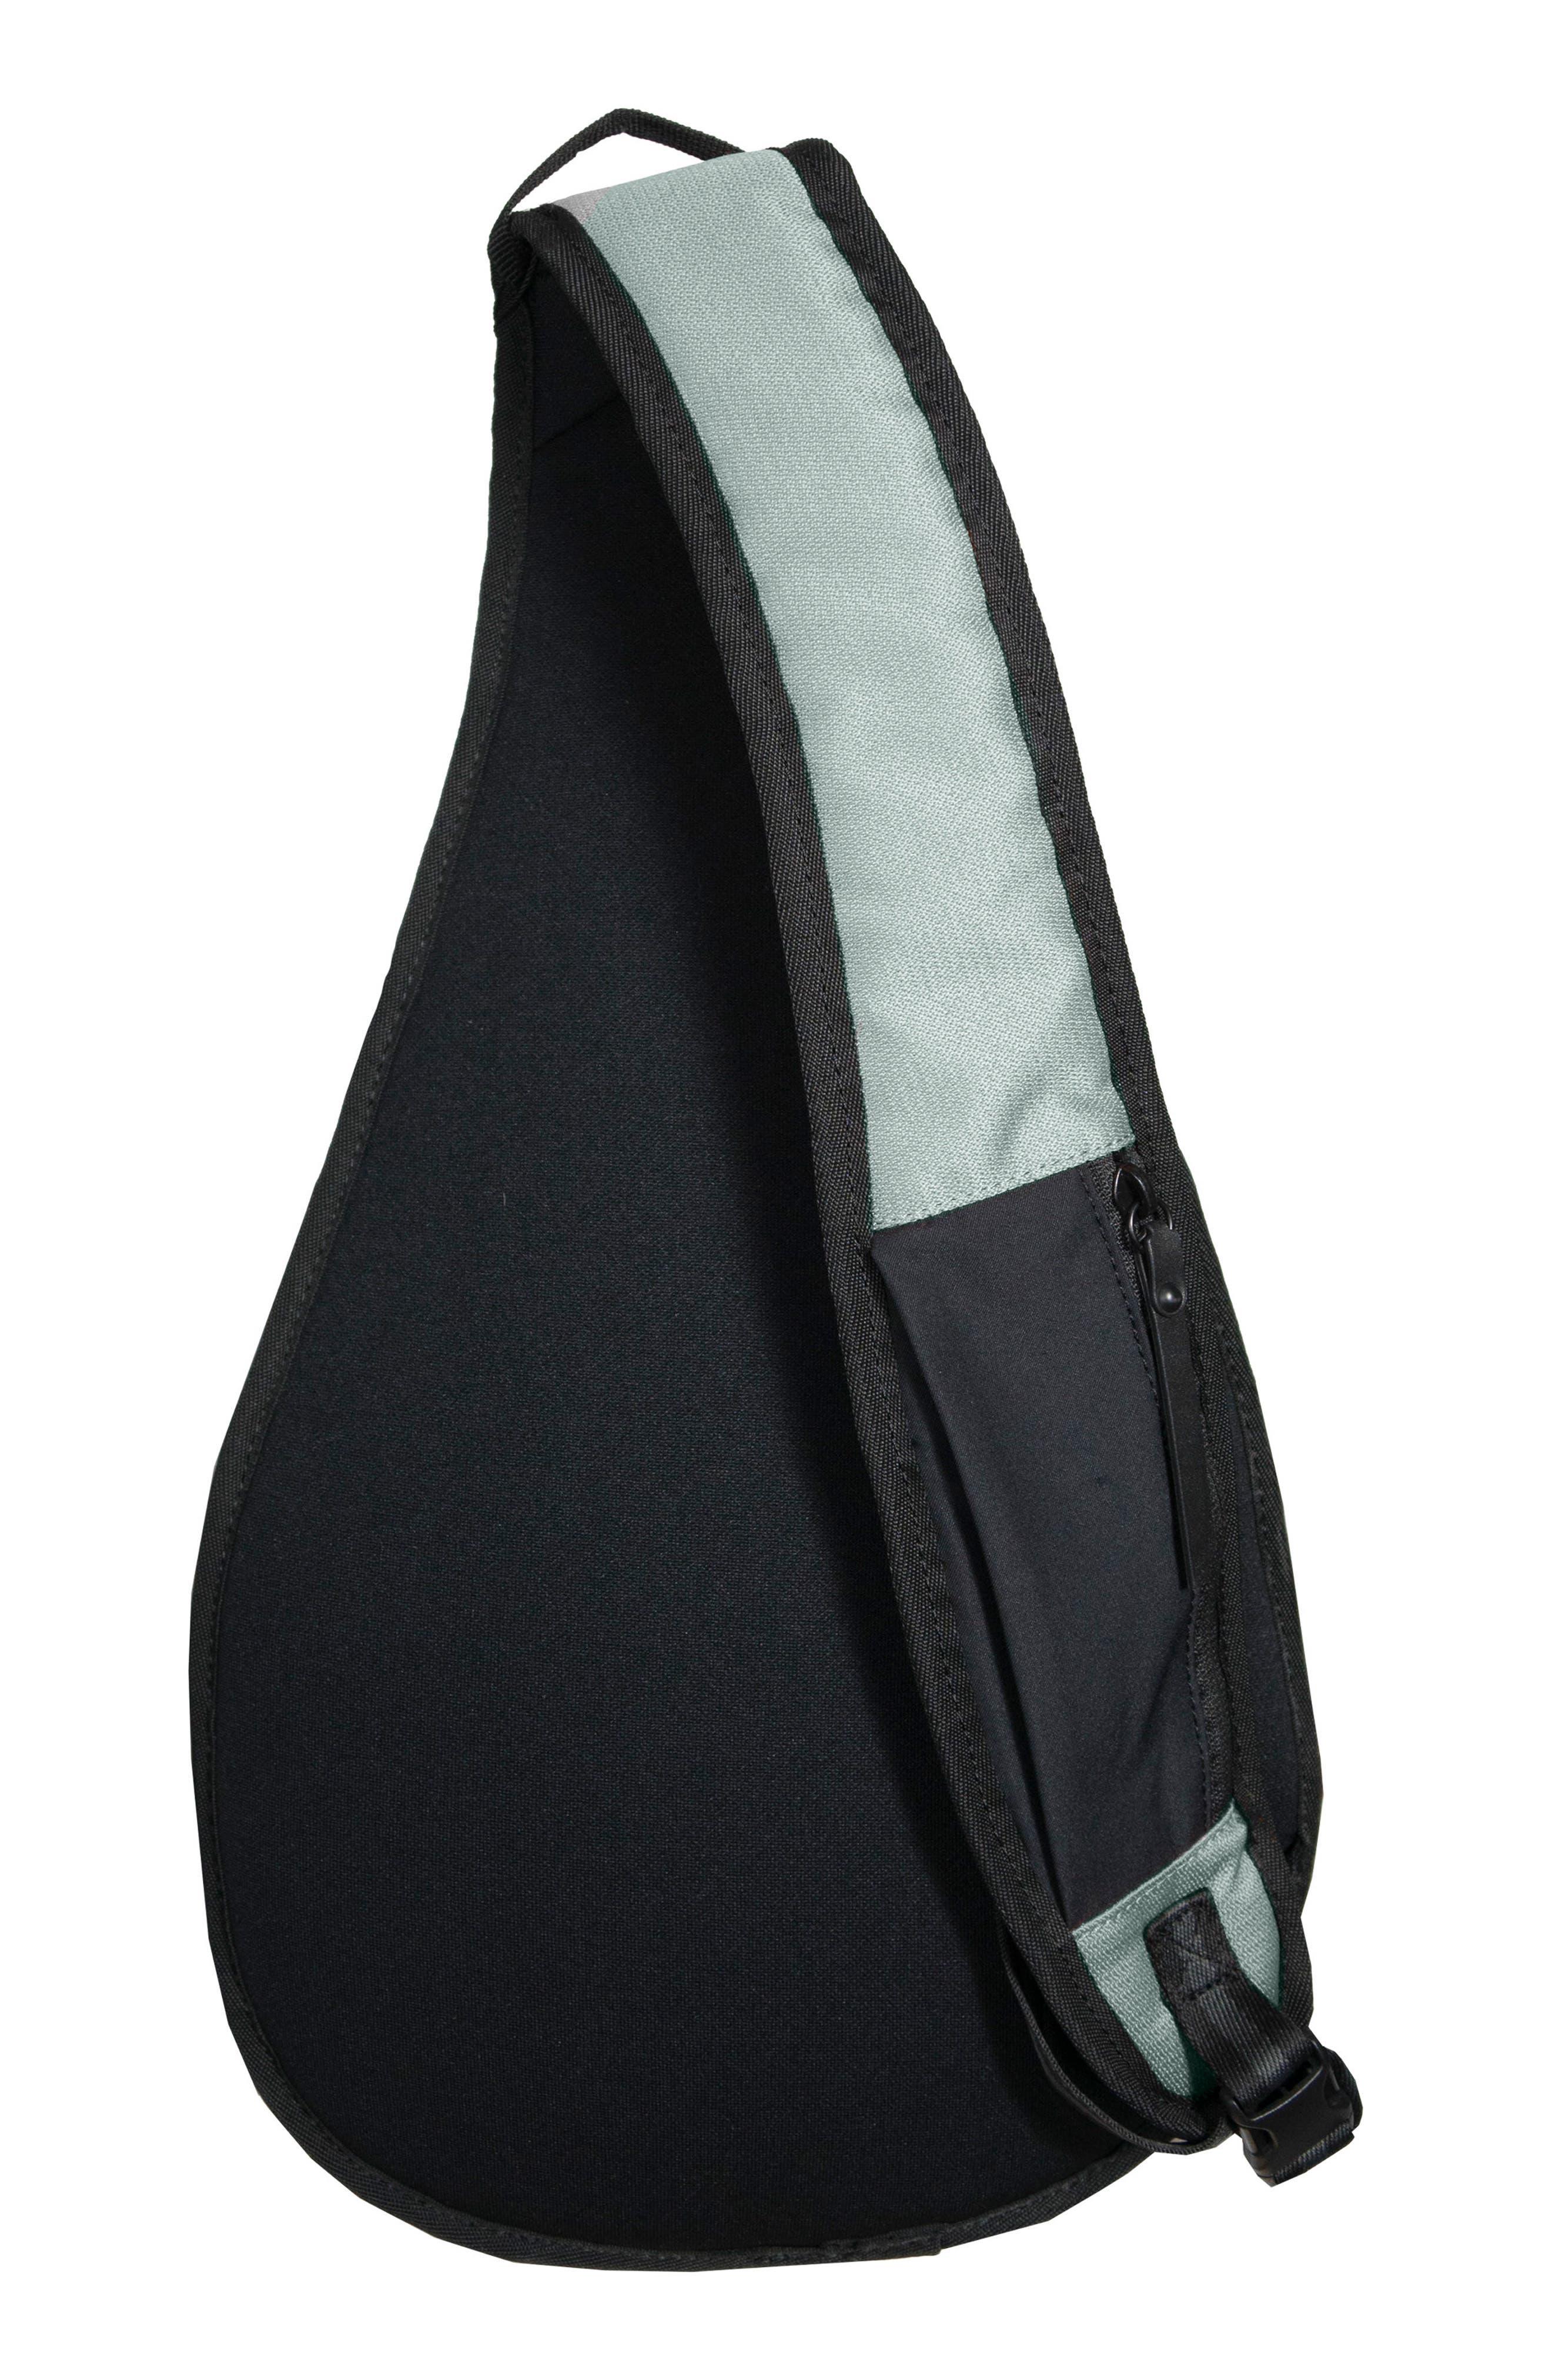 Esprit Sling Backpack,                             Alternate thumbnail 2, color,                             Surf